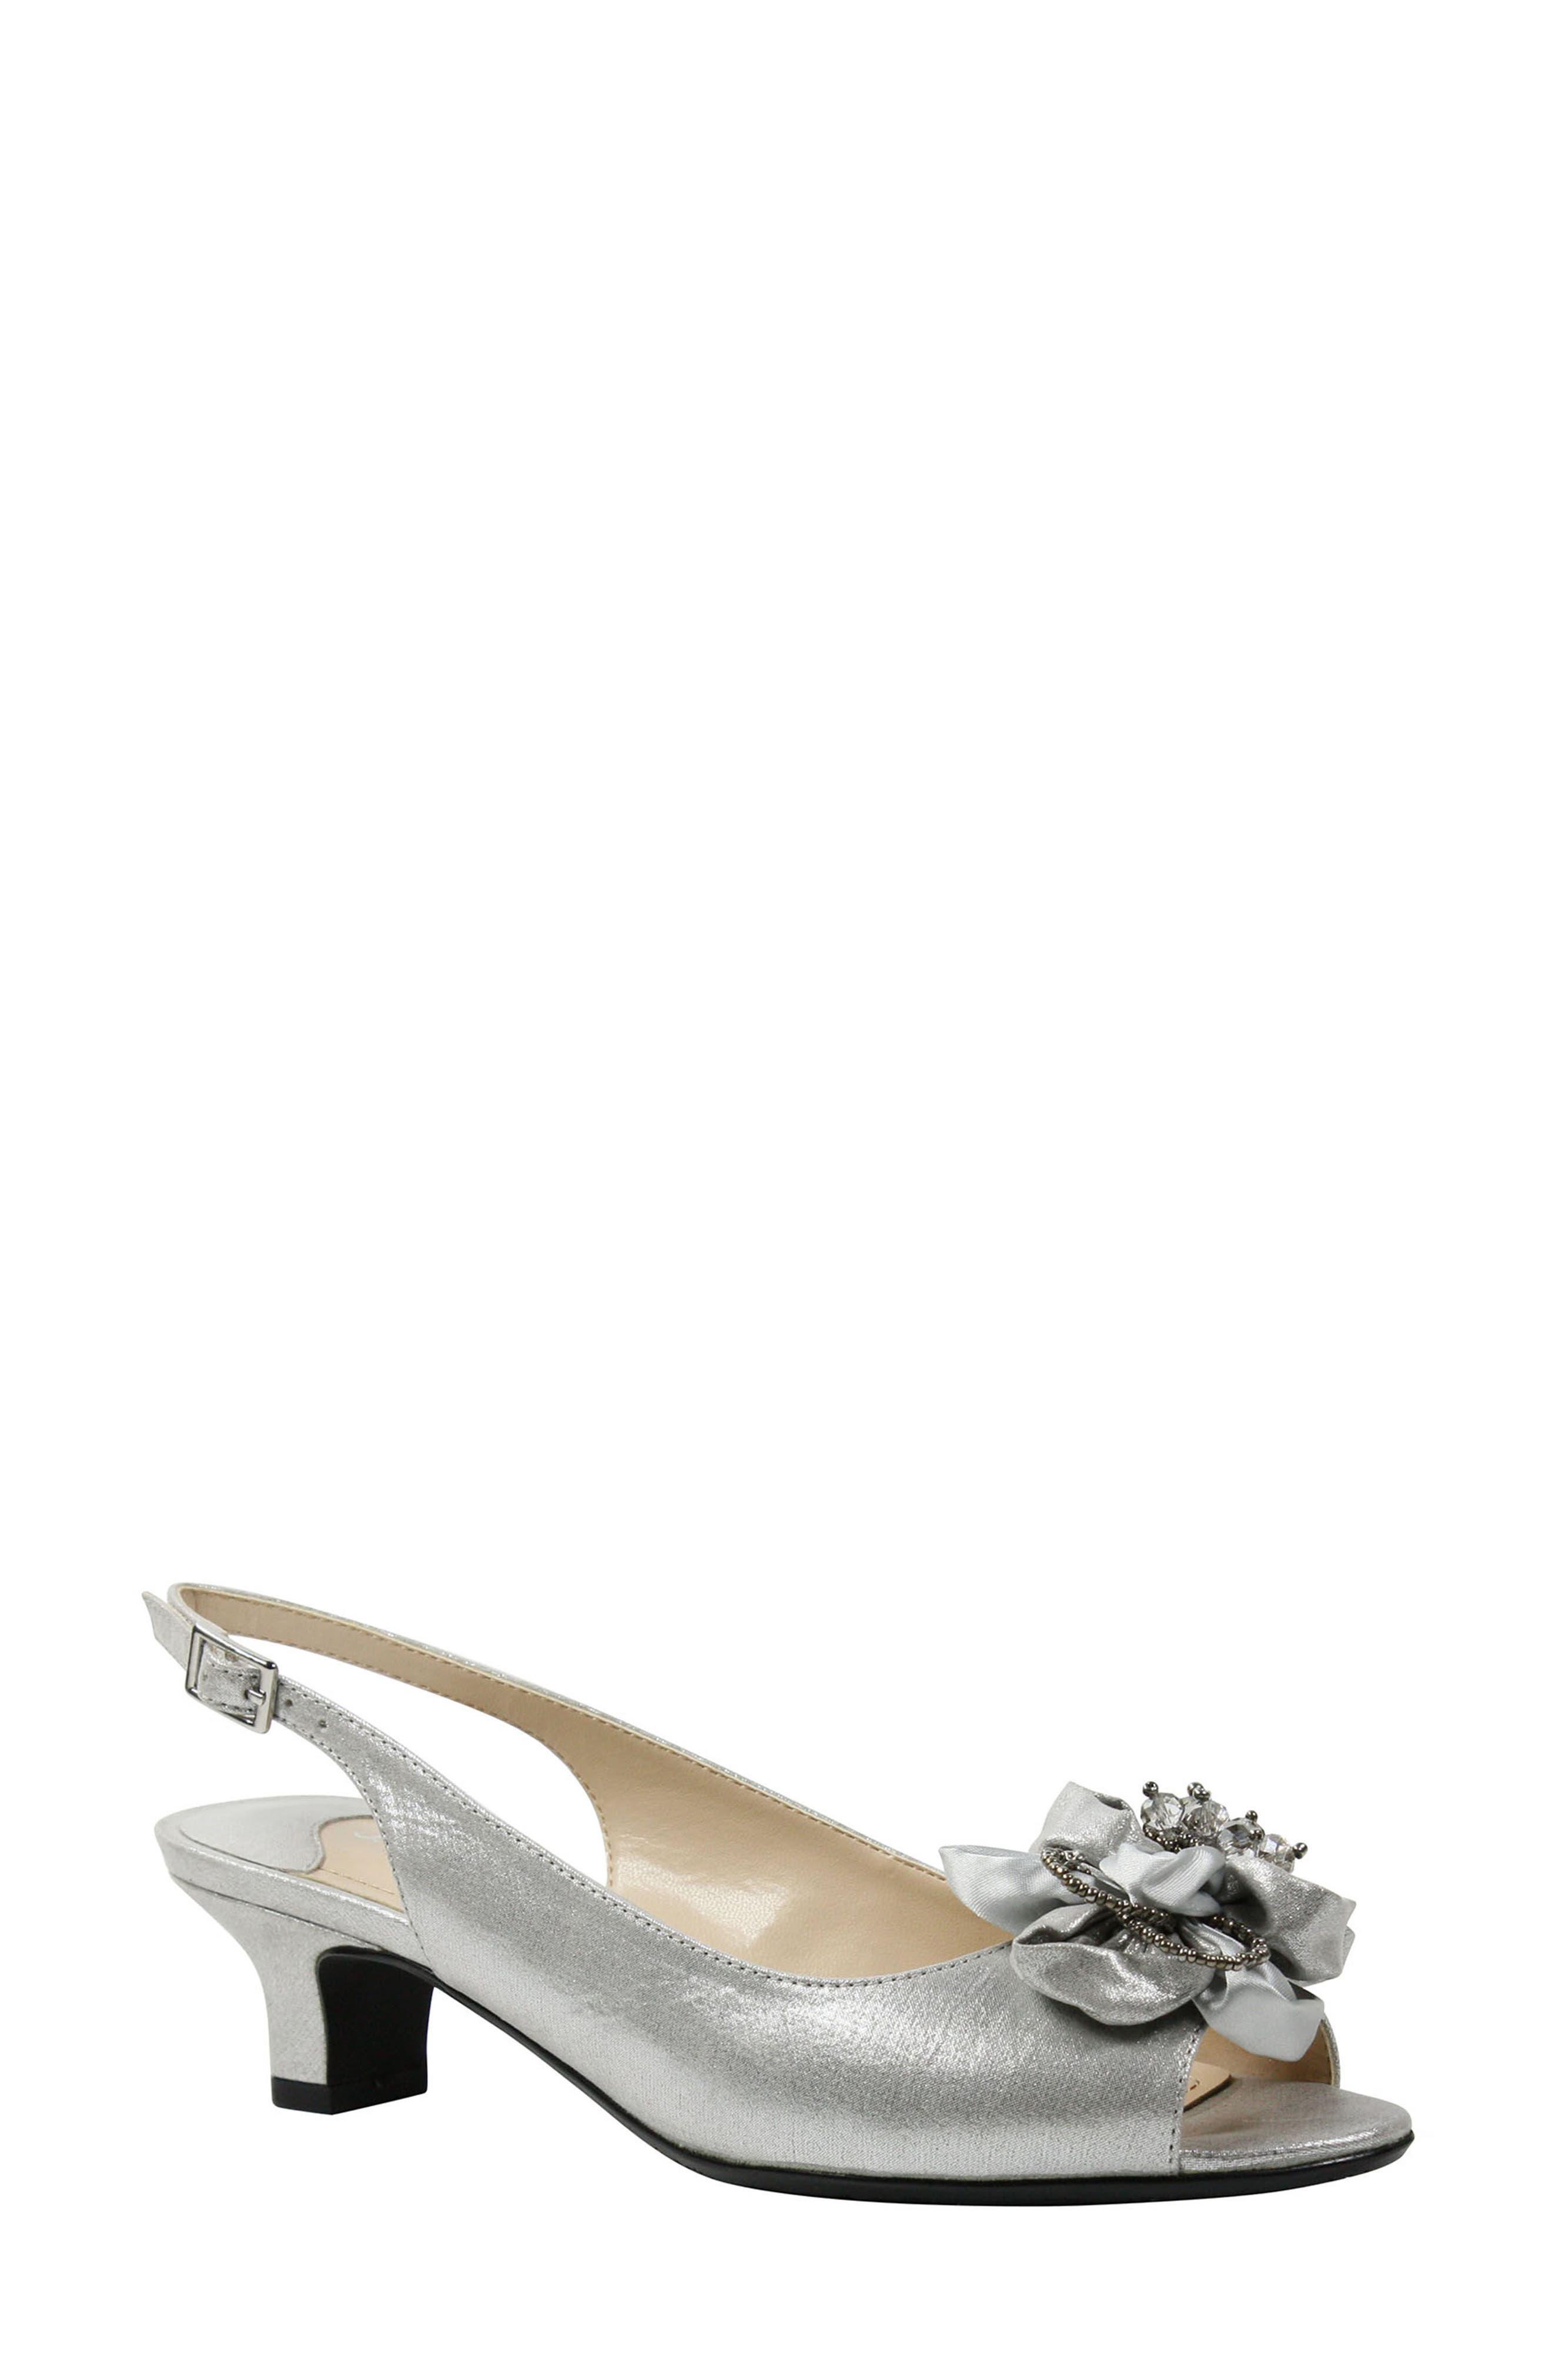 Leonelle Slingback Crystal Embellished Sandal,                             Main thumbnail 1, color,                             SILVER SATIN